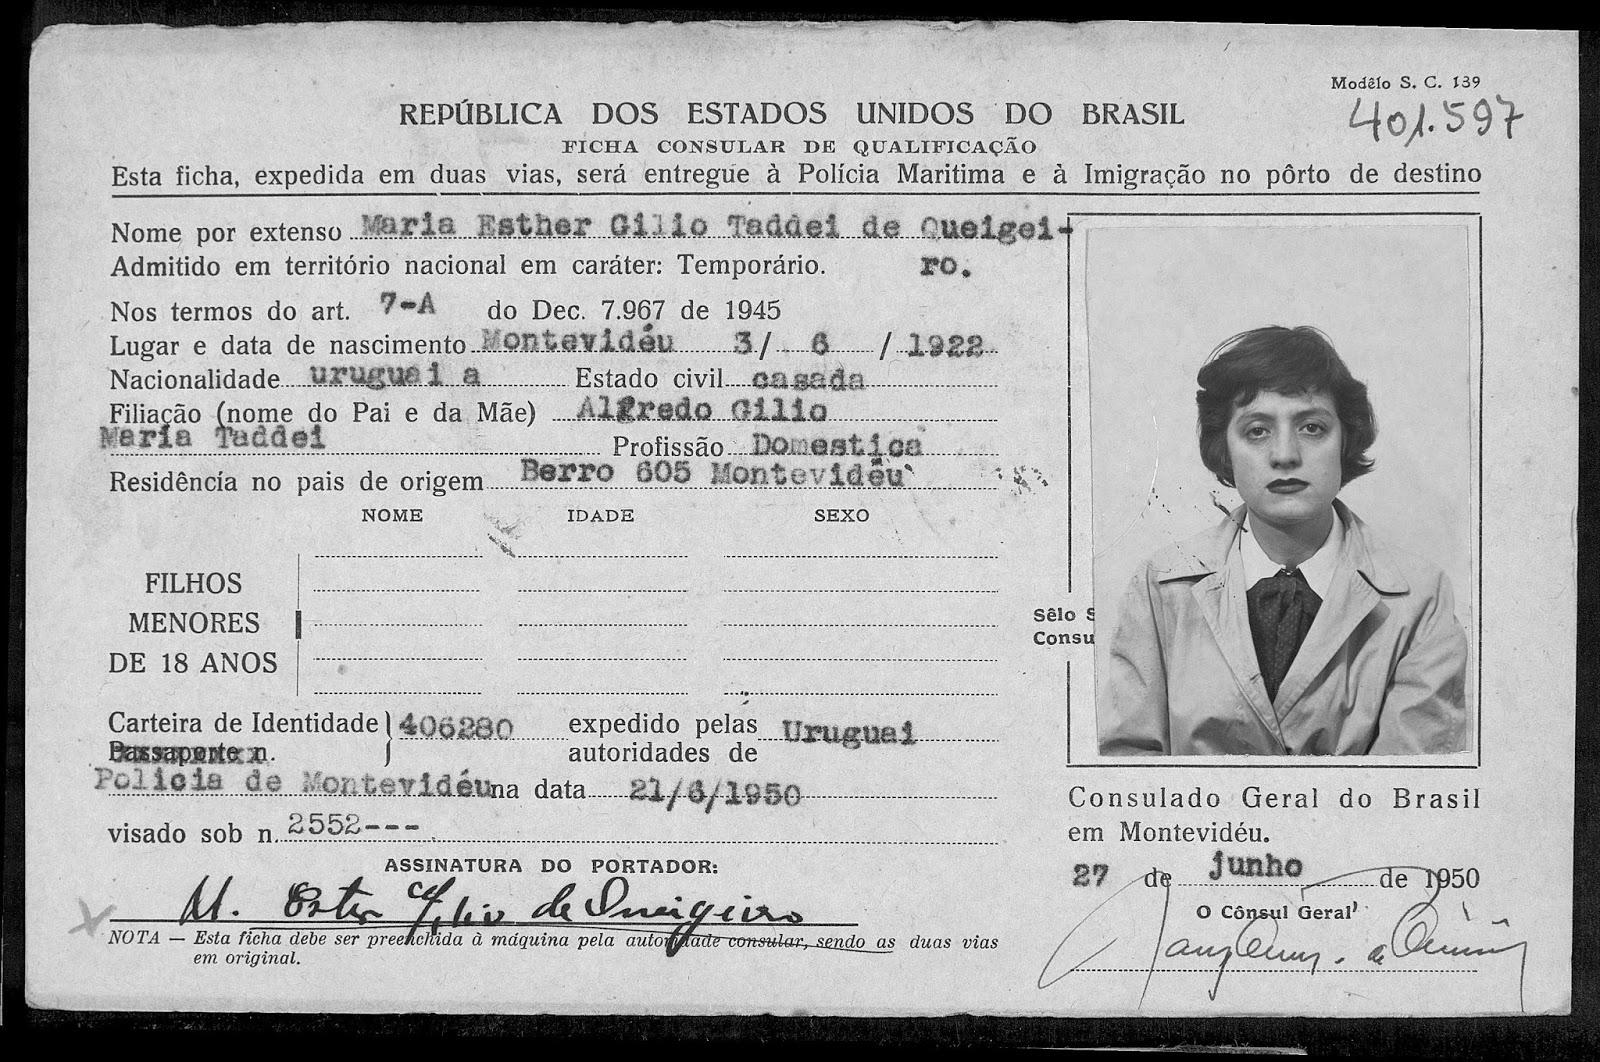 María Esther Gilio